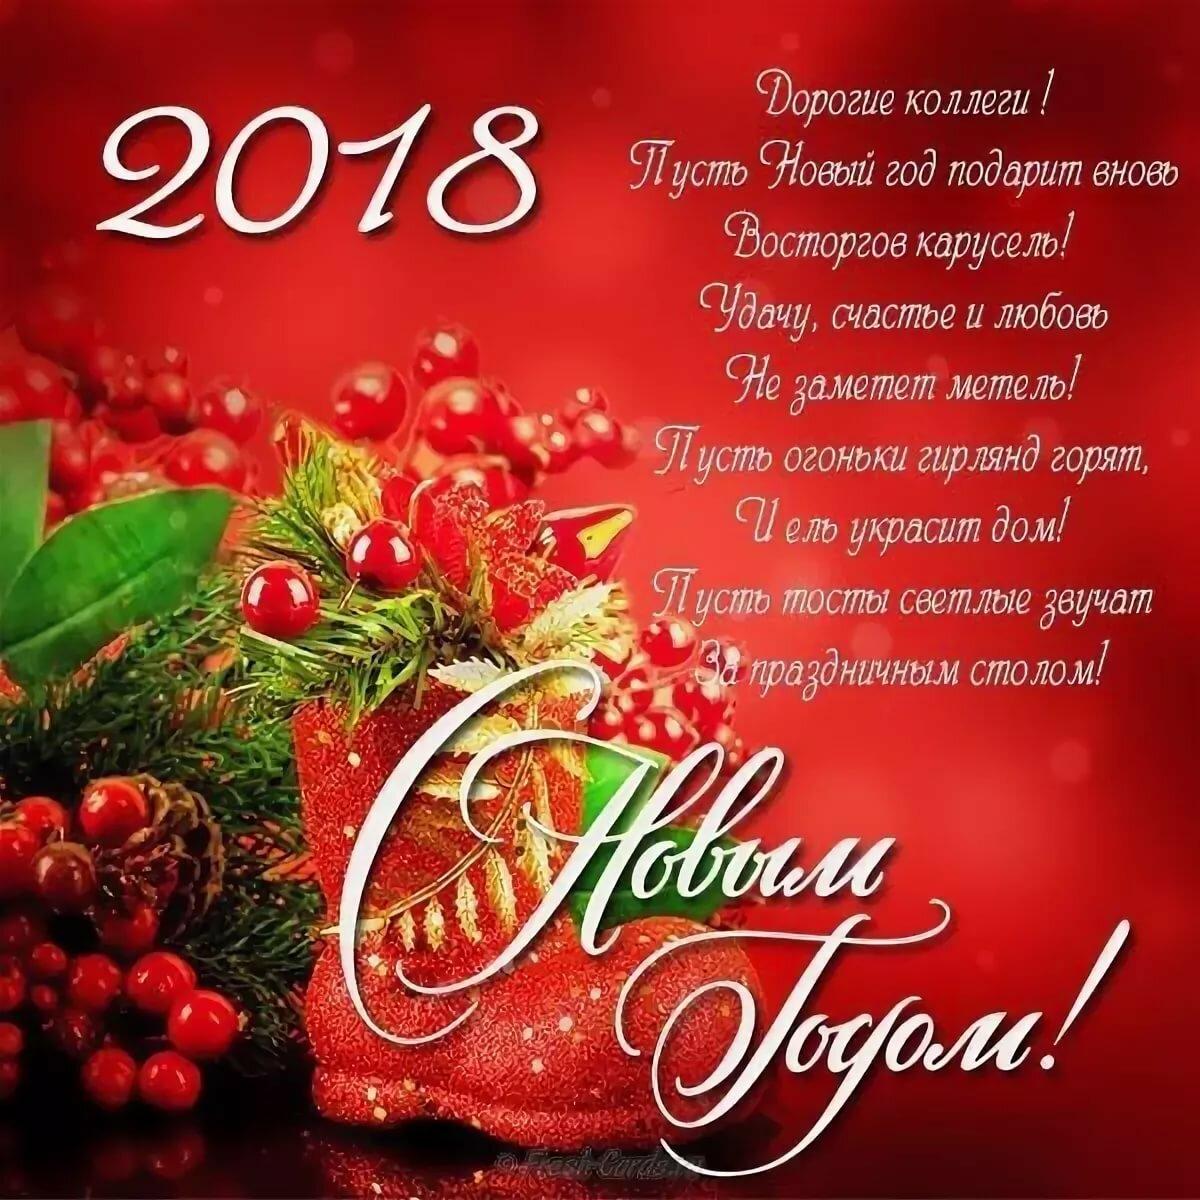 эдисон поздравление с новым годом и годовщиной бесплатные картинки обои